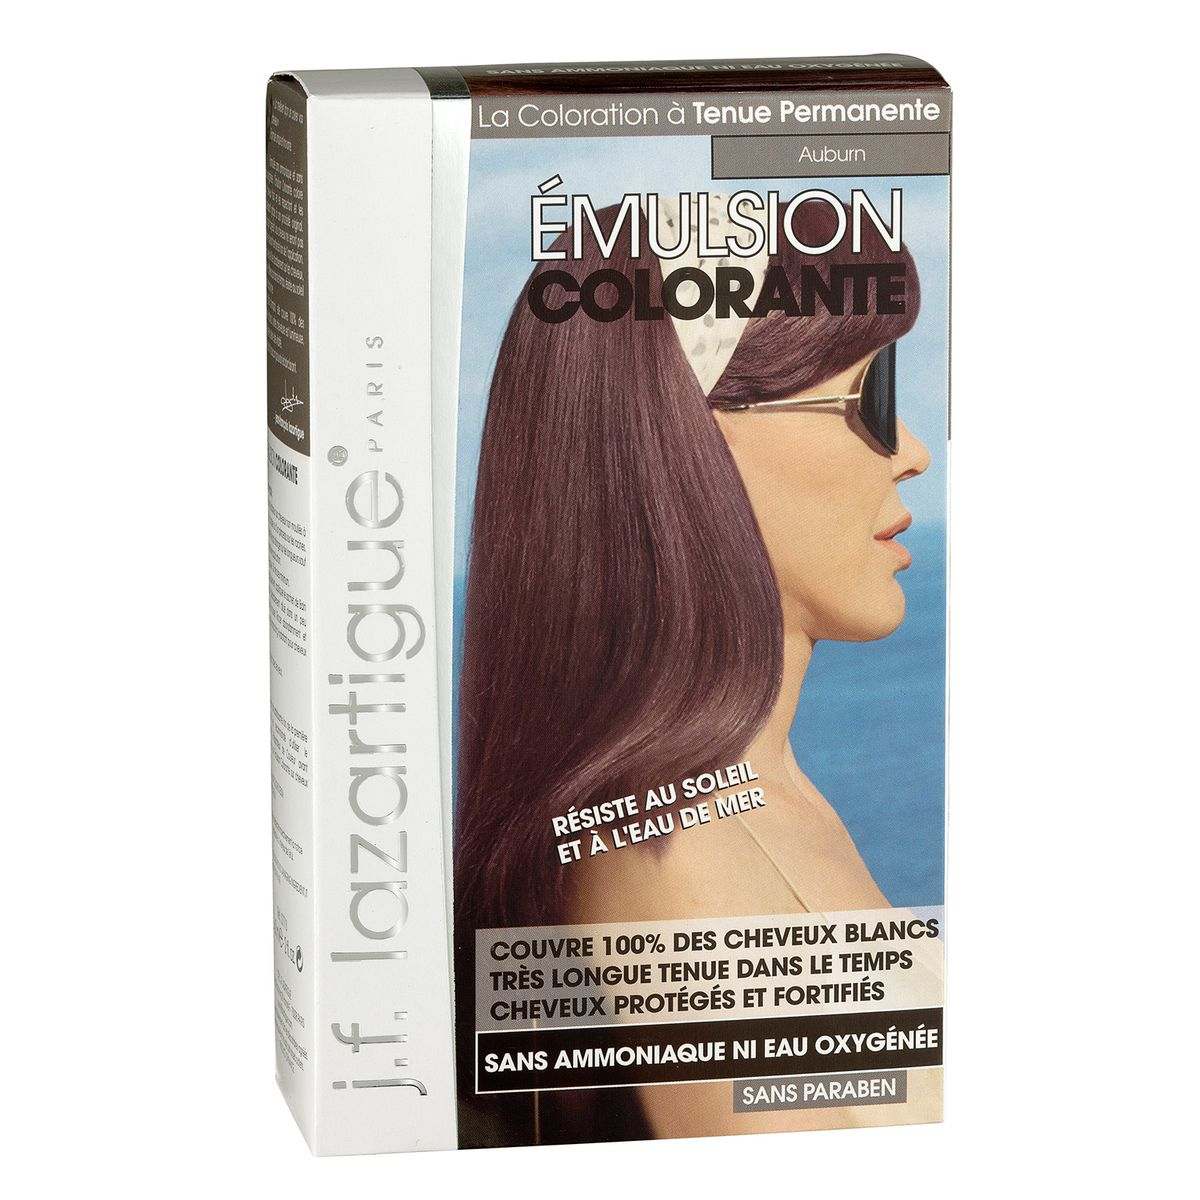 J.F.Lazartigue Оттеночная эмульсия для волос Рыжий 60 мл766549Благодаря оригинальной формуле полностью (на 100%) скрывает седину, длительное время сохраняет цвет, поддерживает здоровье и жизненную силу волос и сохраняет эти качества, несмотря на воздействие солнечных лучей, морской воды и прочих неблагоприятных экологических факторов. Не осветляет, не повреждает, а укрепляет волосы. Не содержит аммиака, перекиси водорода и парабенов. Не предназначена для окрашивания бровей и ресниц.